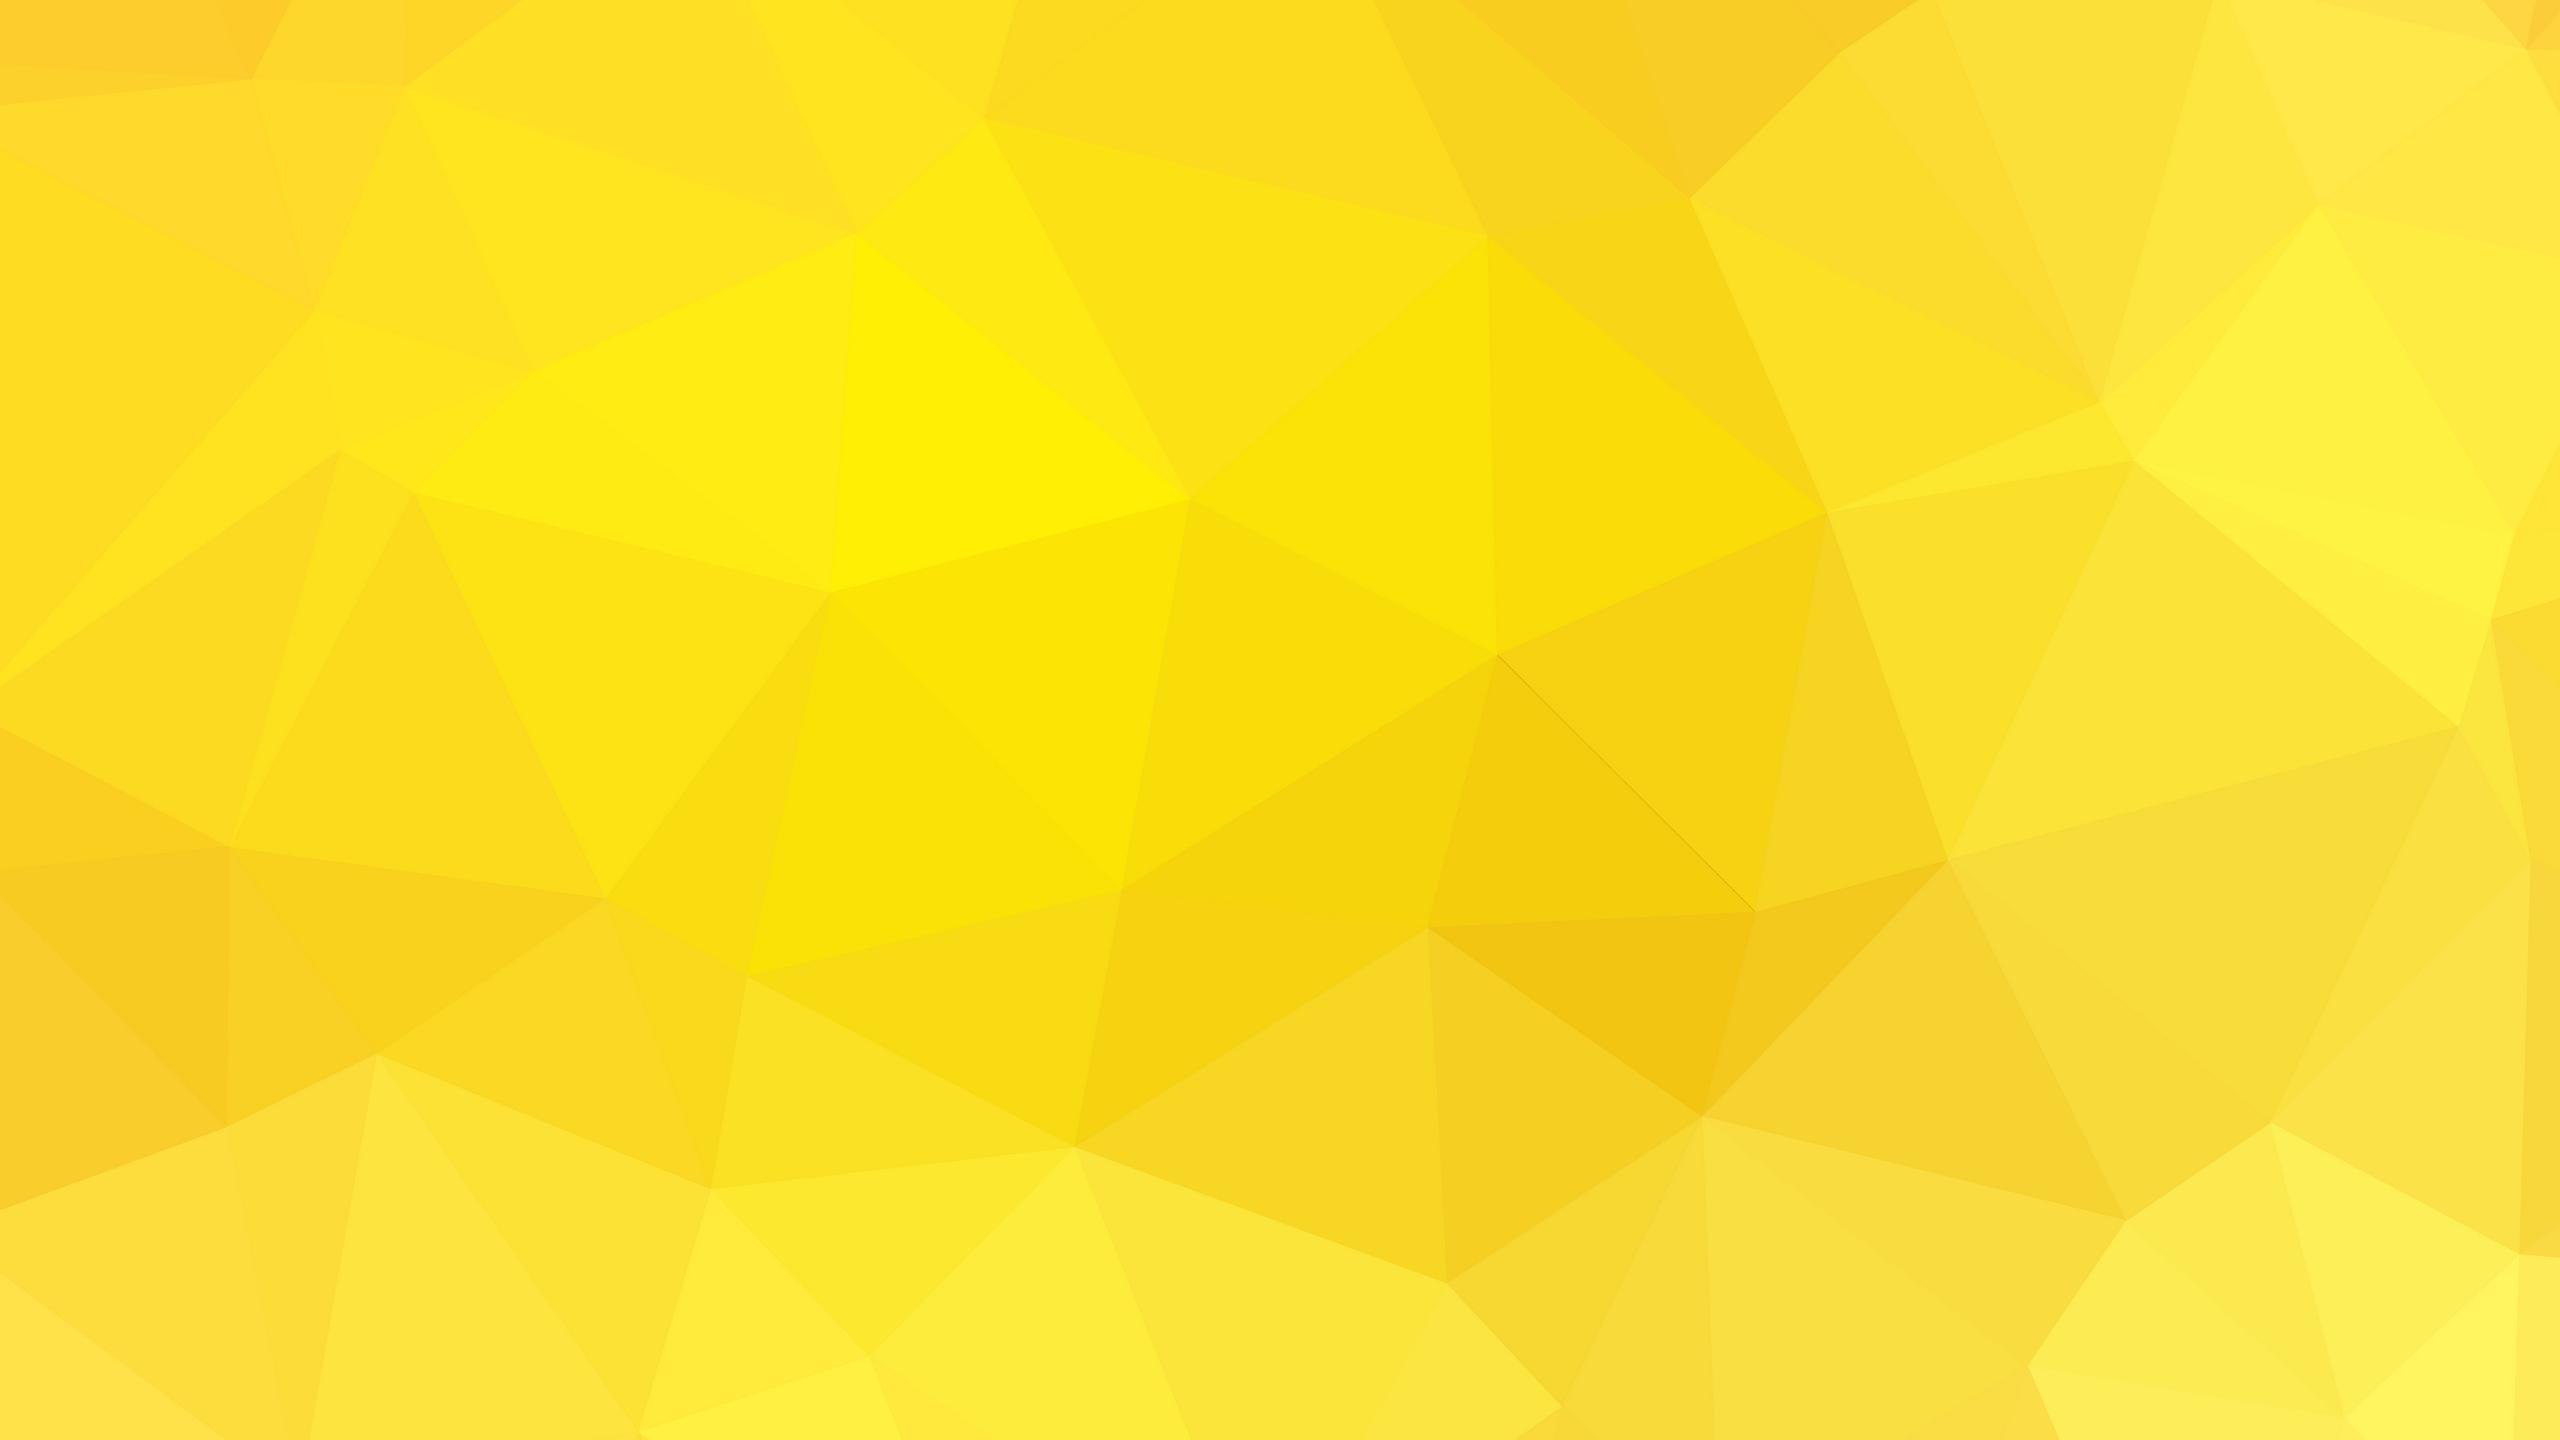 Background vàng độc đáo